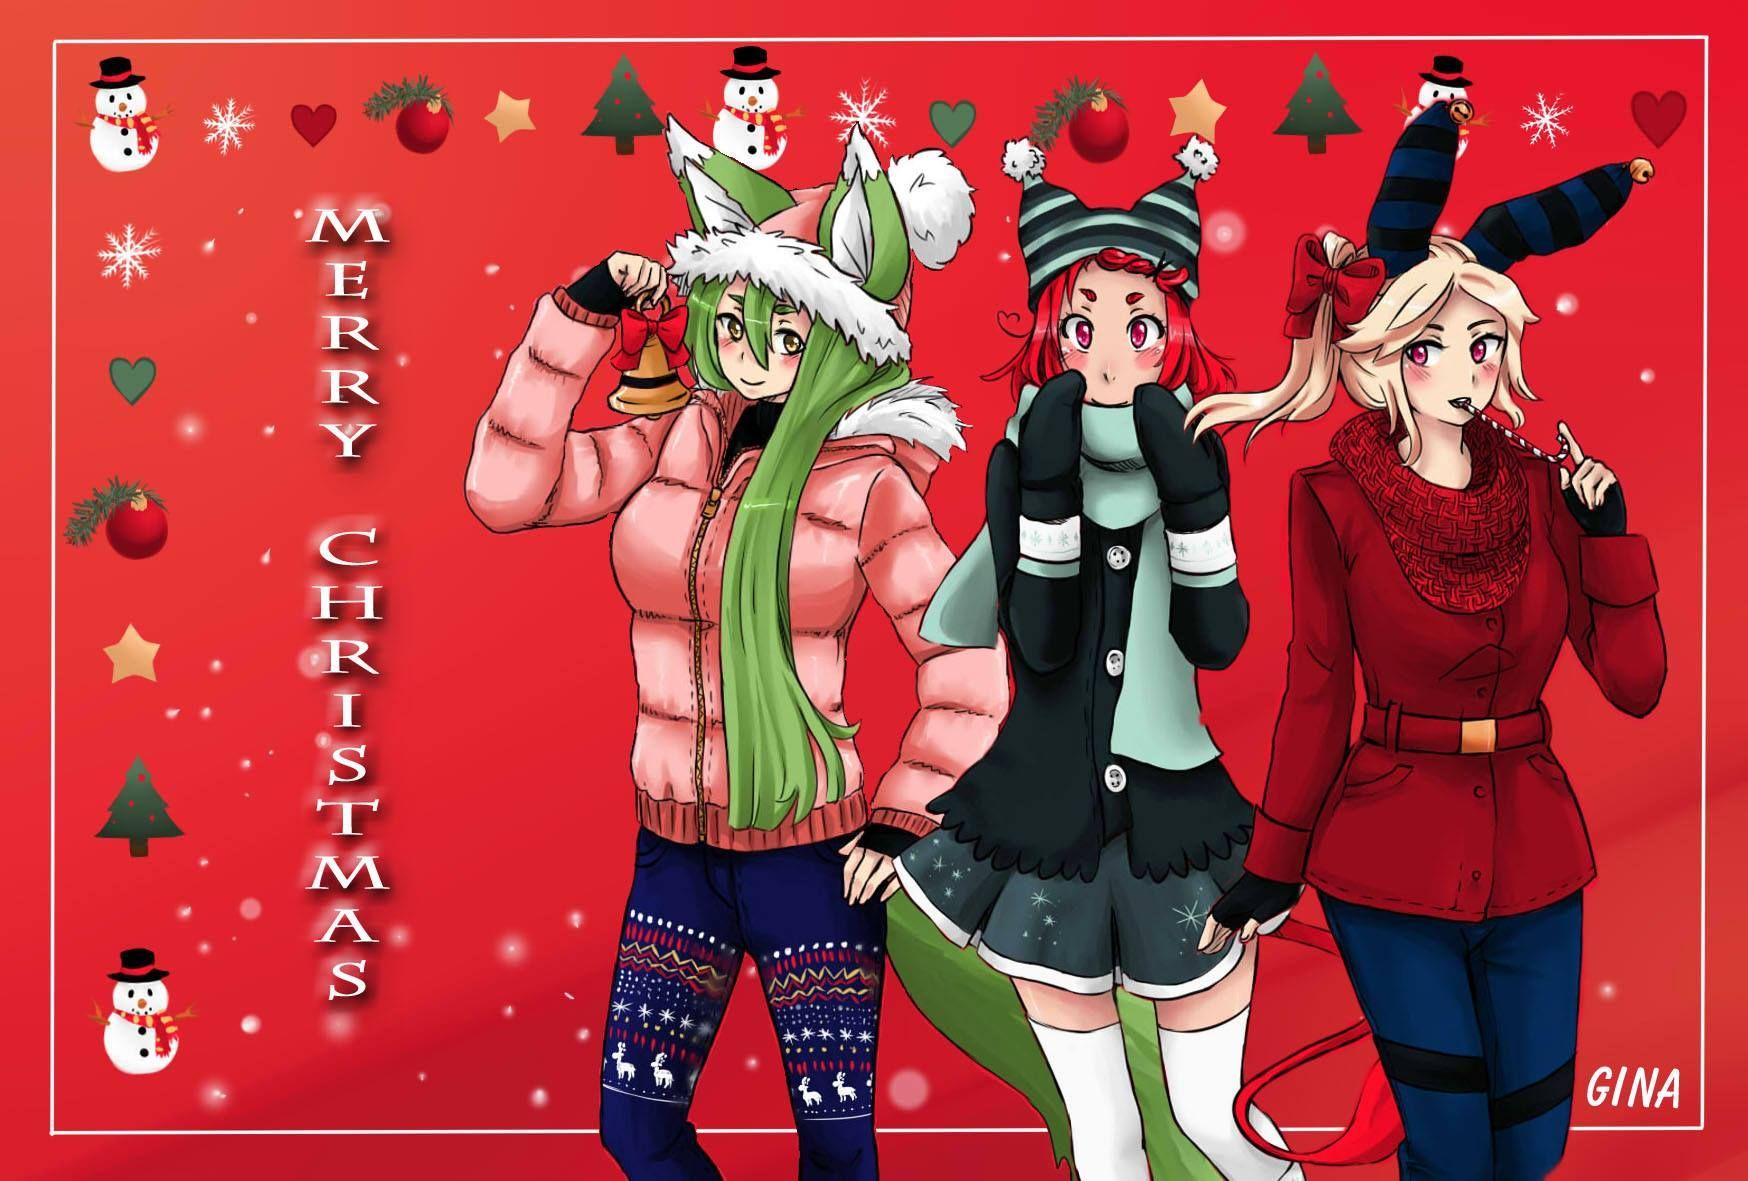 Digitale Weihnachtskarten.Eine Alte Weihnachtskarte Mit Meinen Eigenen Charakteren